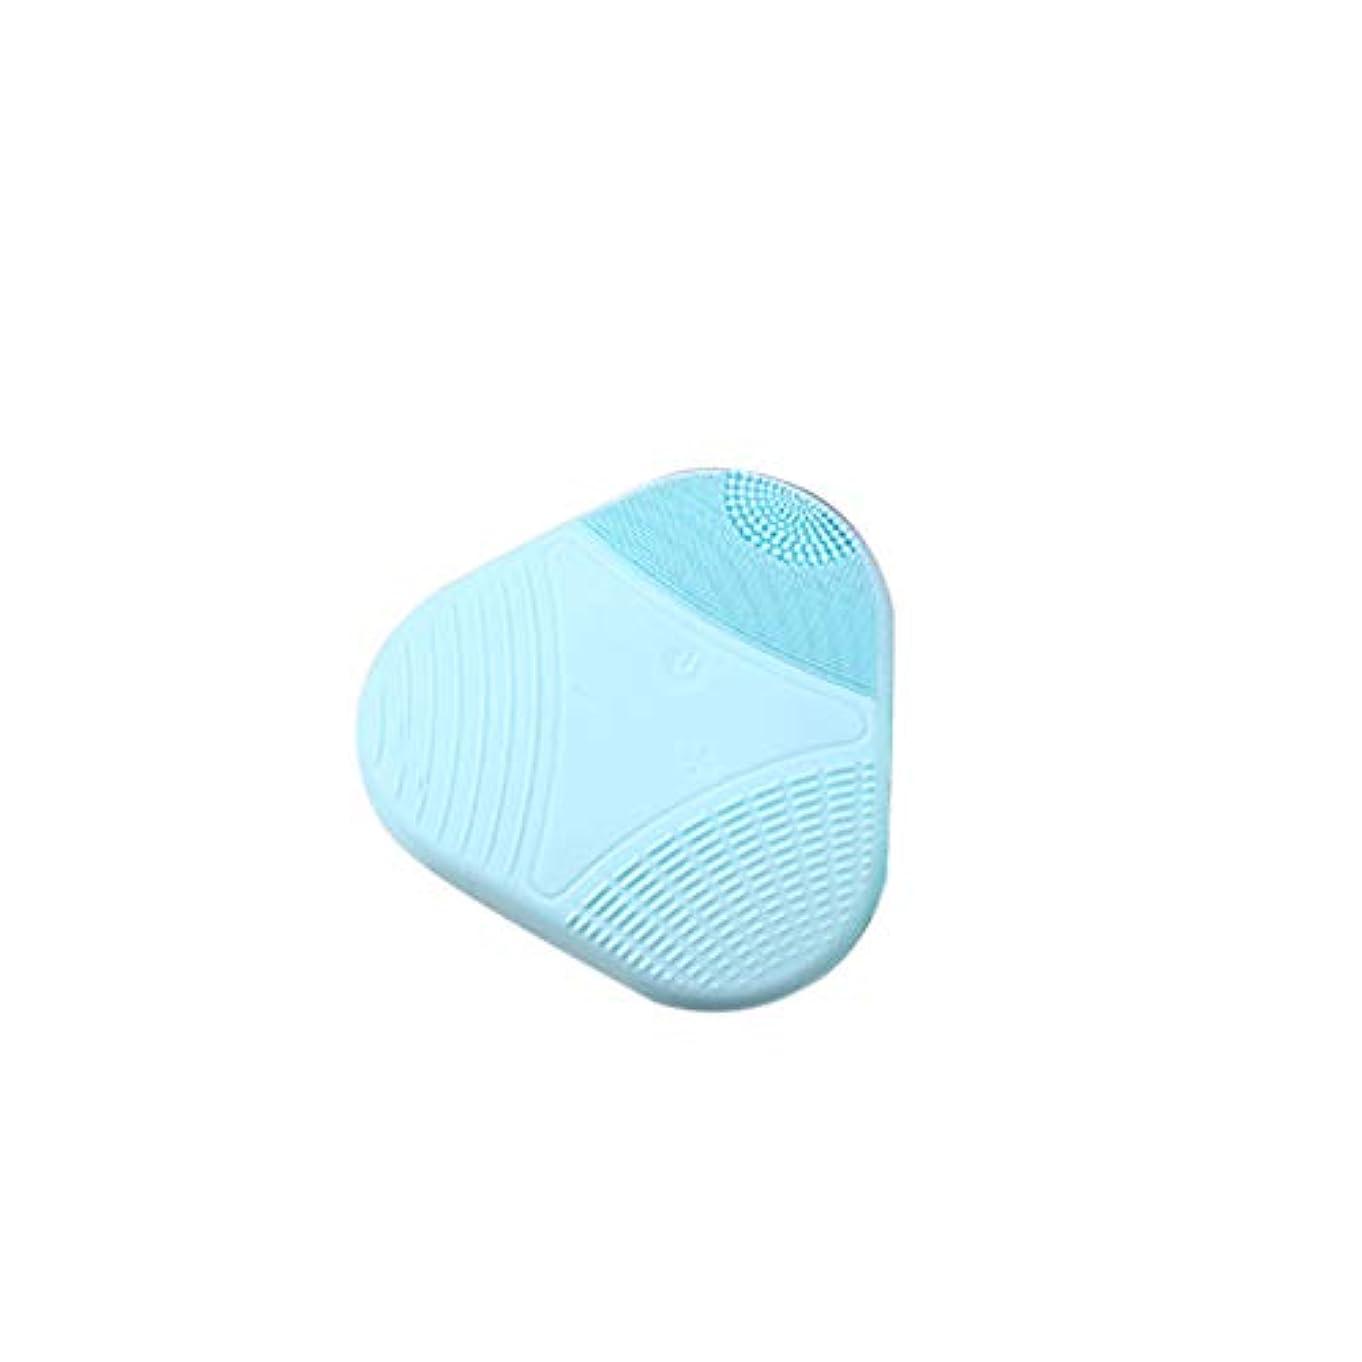 利得鈍い寄付Decdeal 洗顔ブラシ 毛穴ケア 電動 防水 充電式 顔マッサージャー器 携帯便利